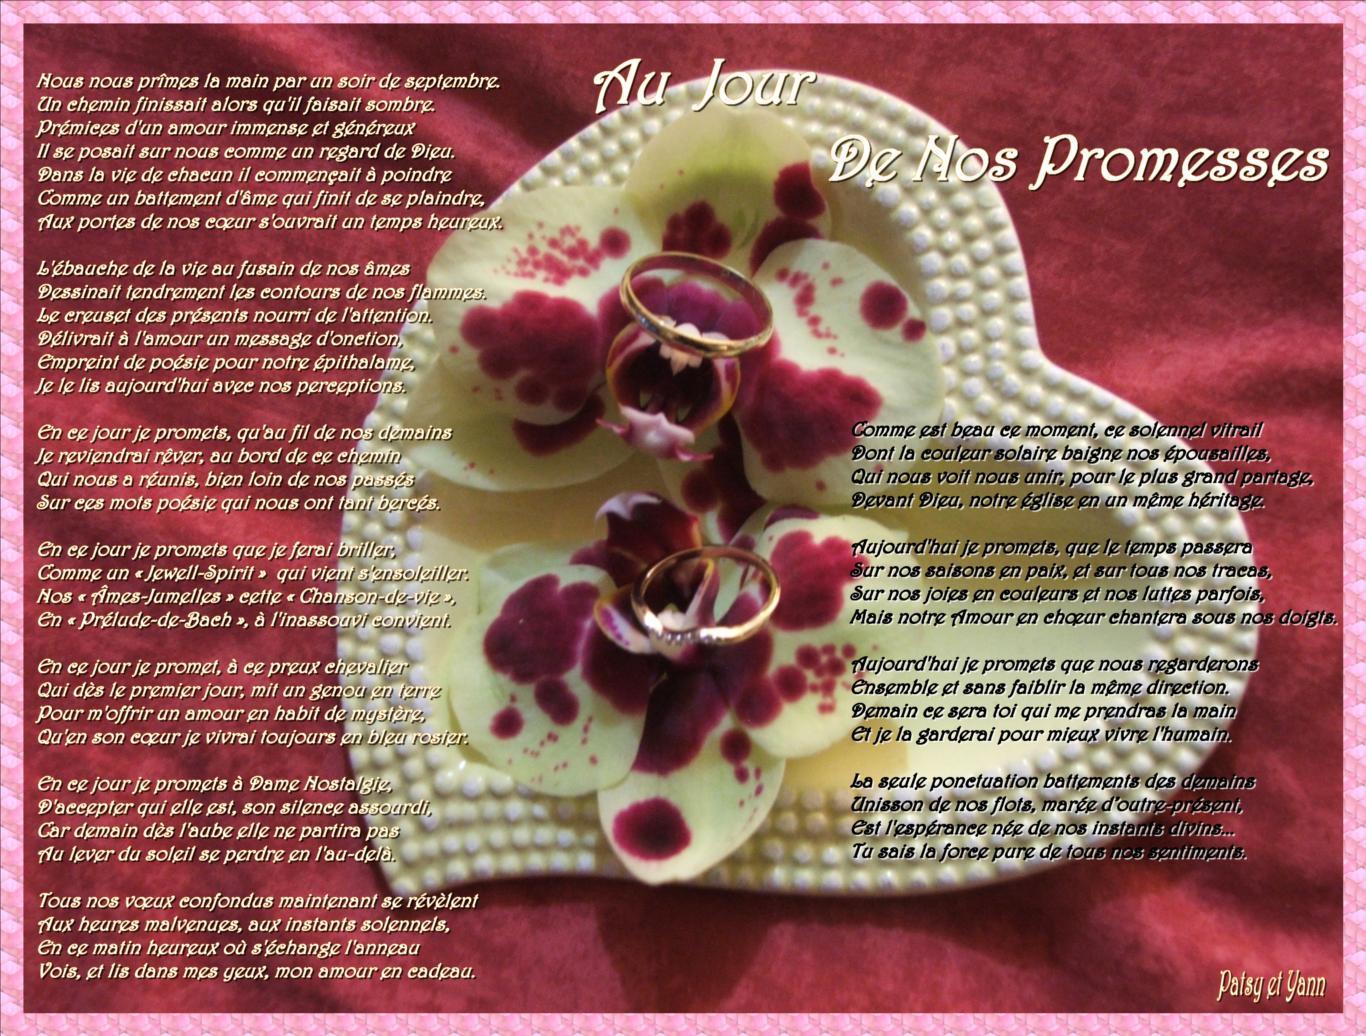 Au jour de nos promesses(Photopoème) DSCF6906-4000x3000